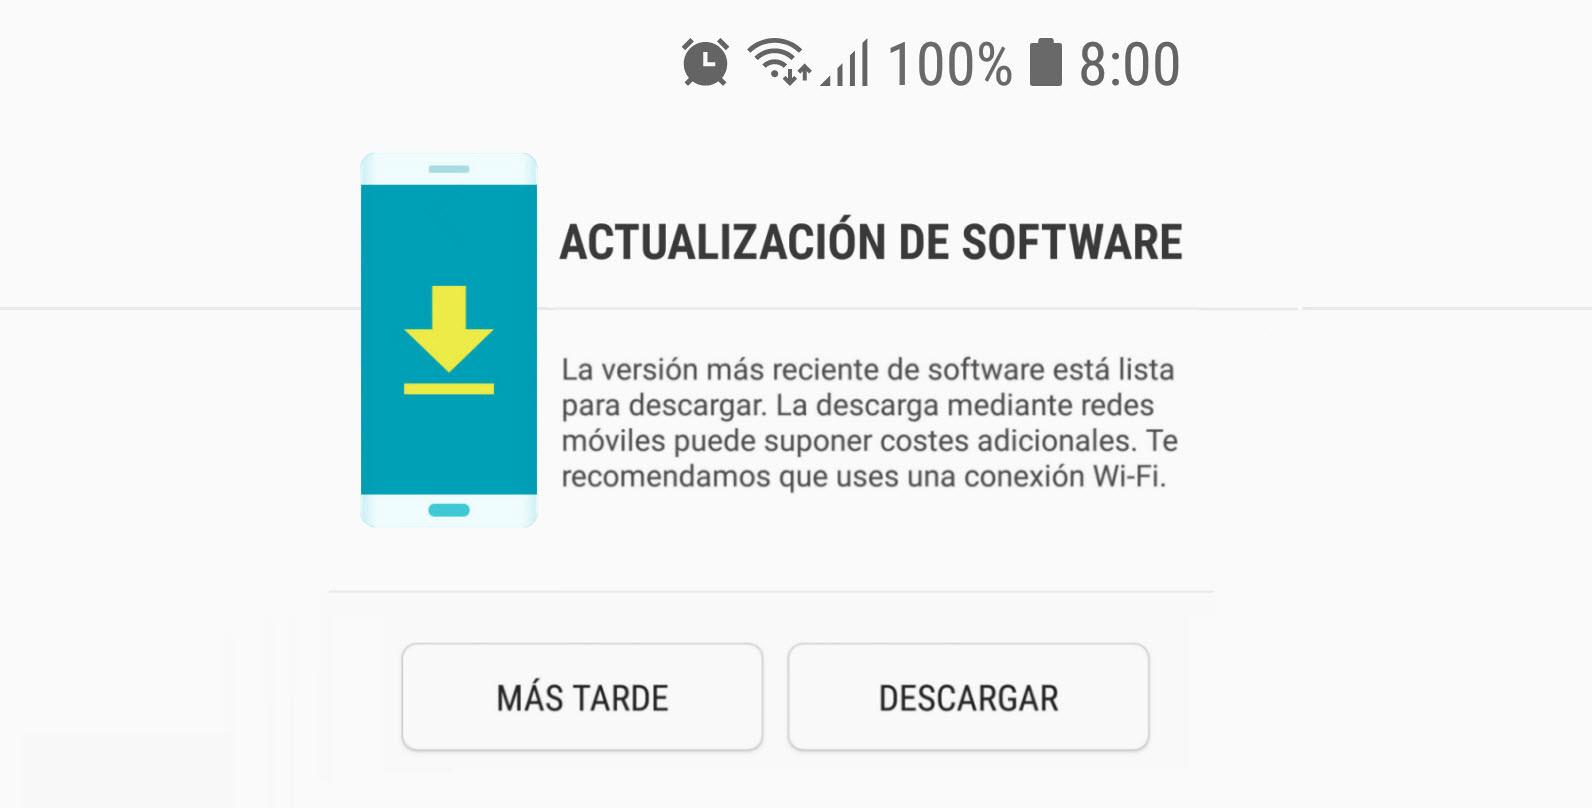 Cómo solucionar problemas generados por actualizar tu celular